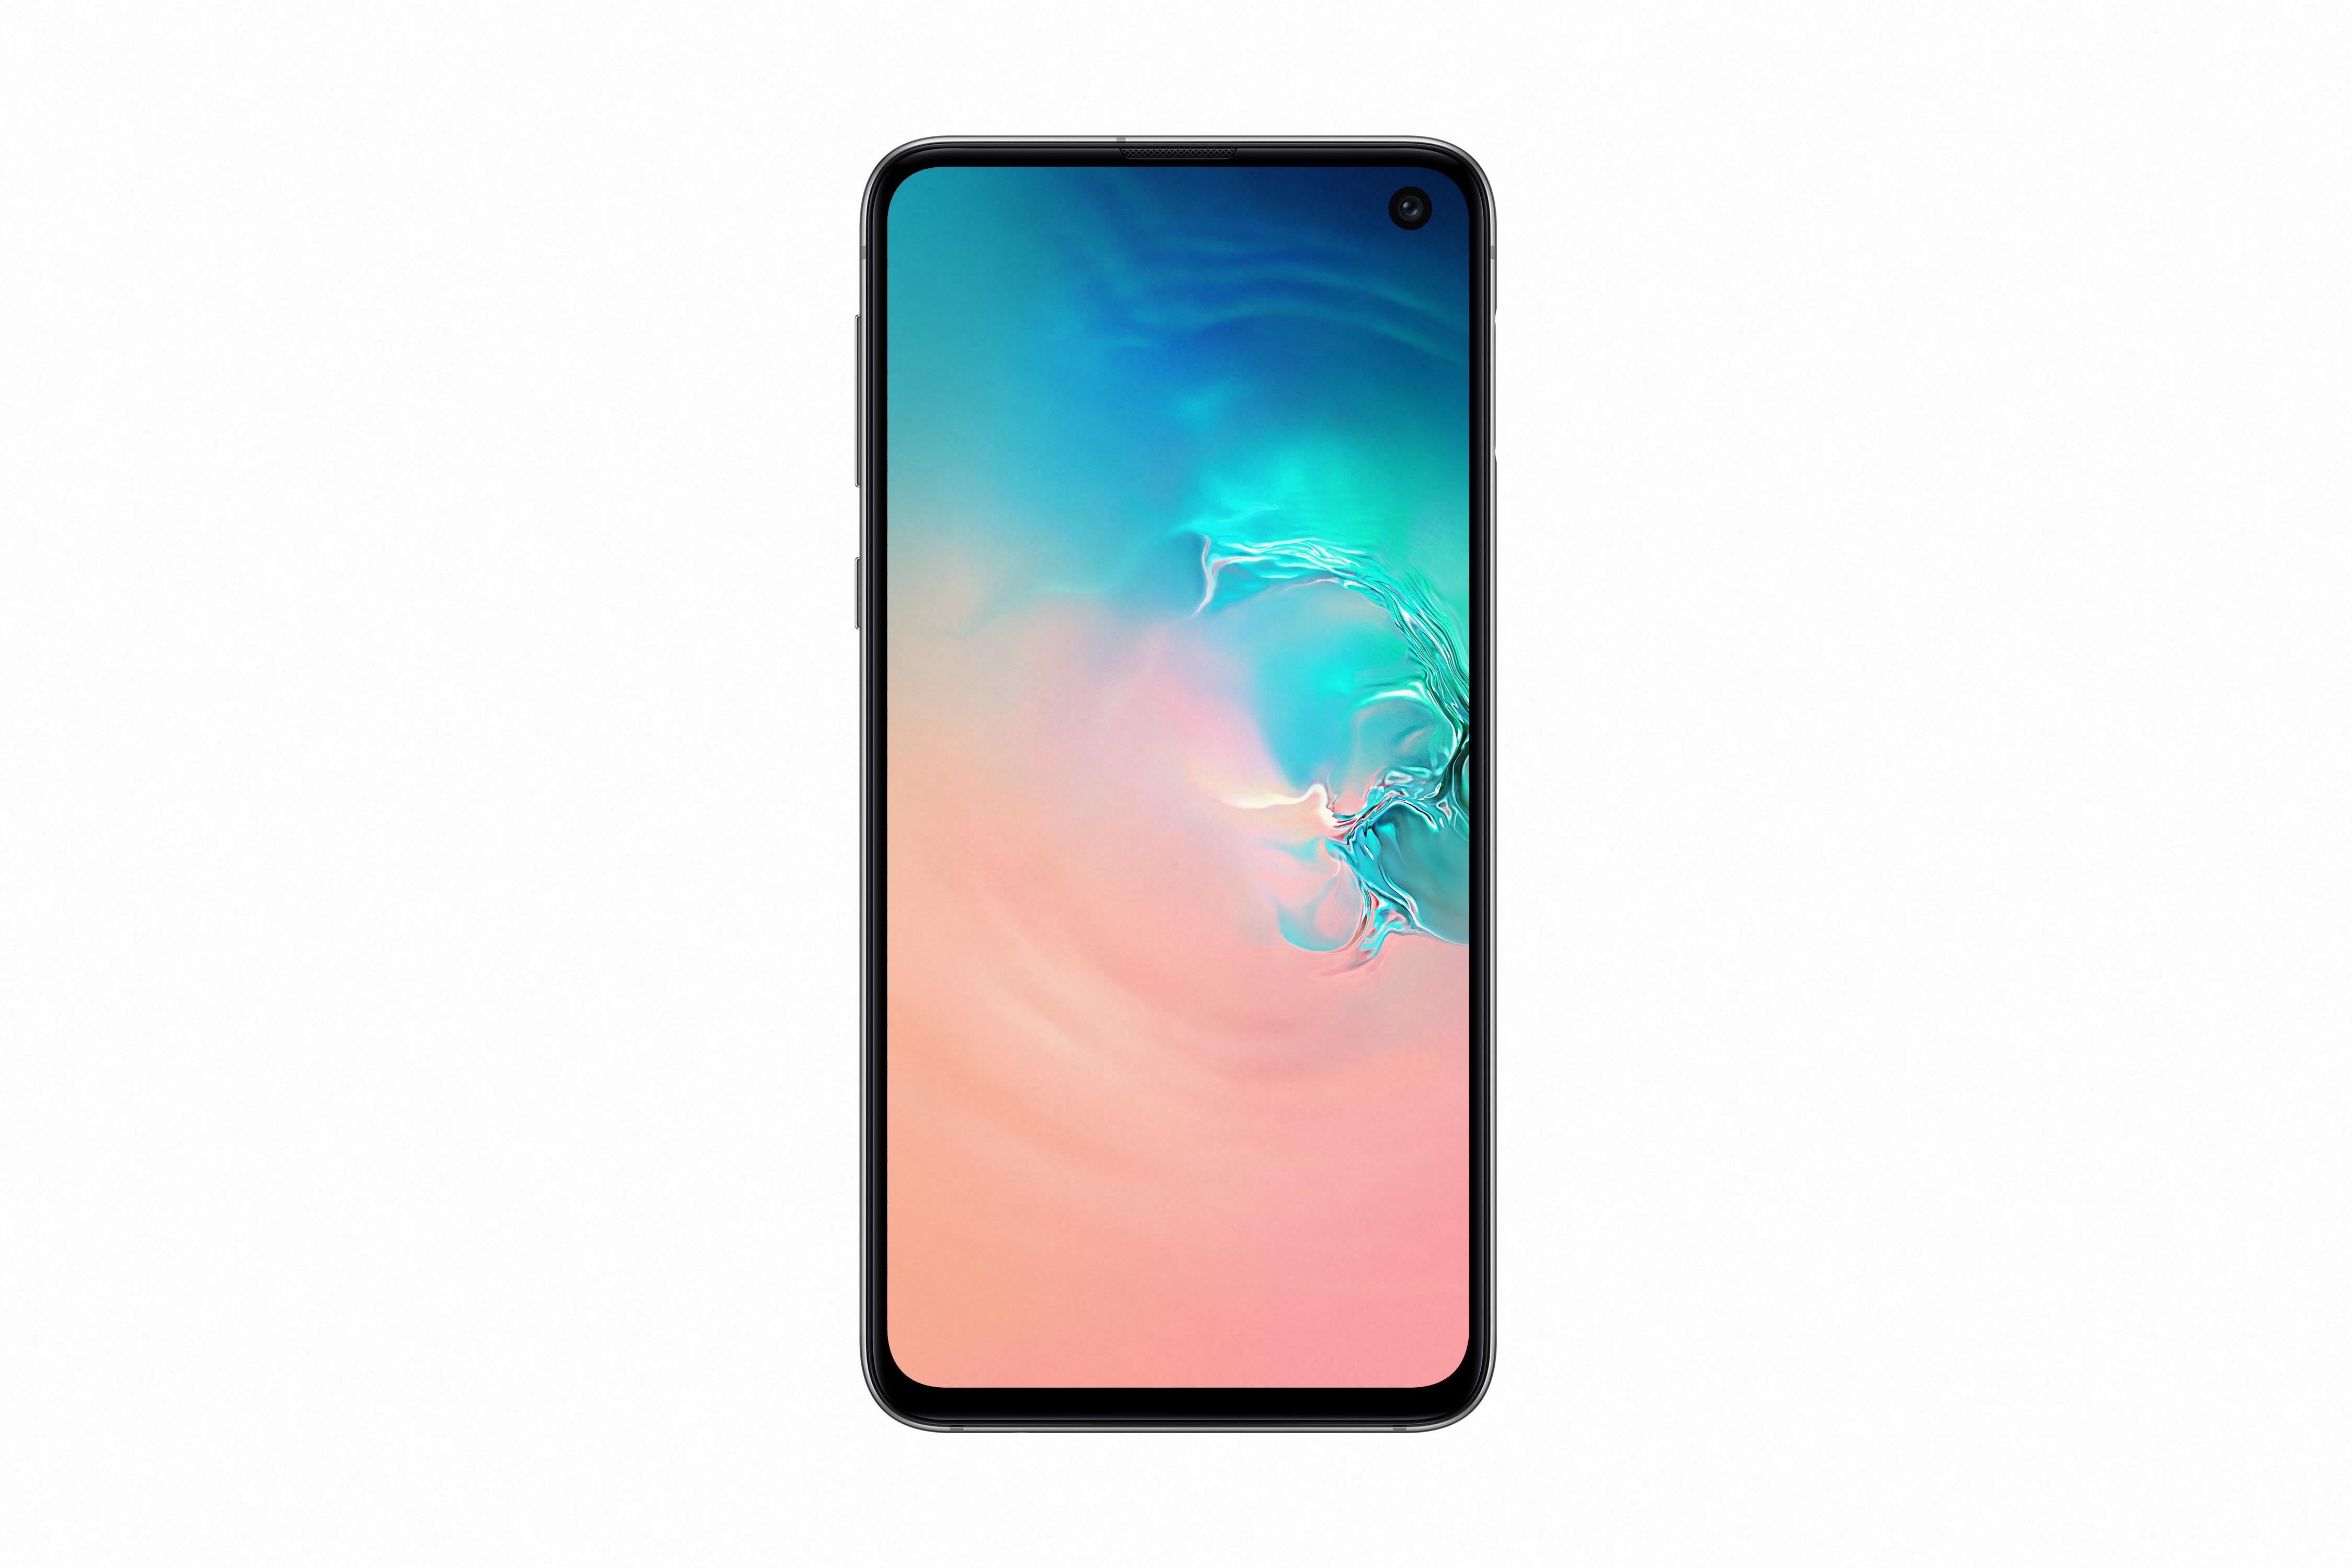 Telefon Mobil Samsung Galaxy S10e G970 128GB Flash 6GB RAM Dual SIM 4G Prism White